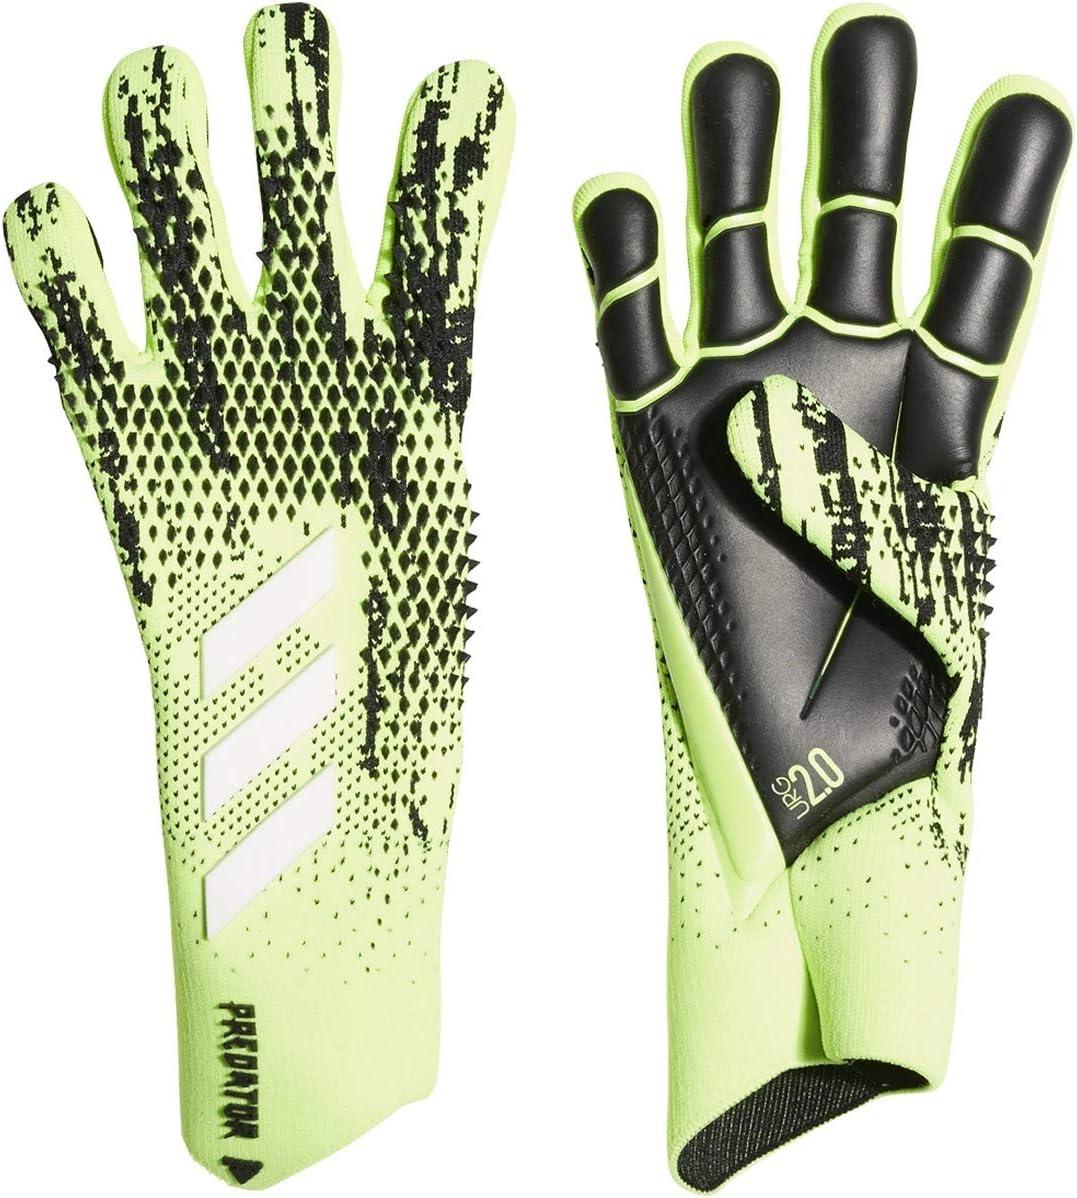 Strapless Goalkeeper Gloves size 11